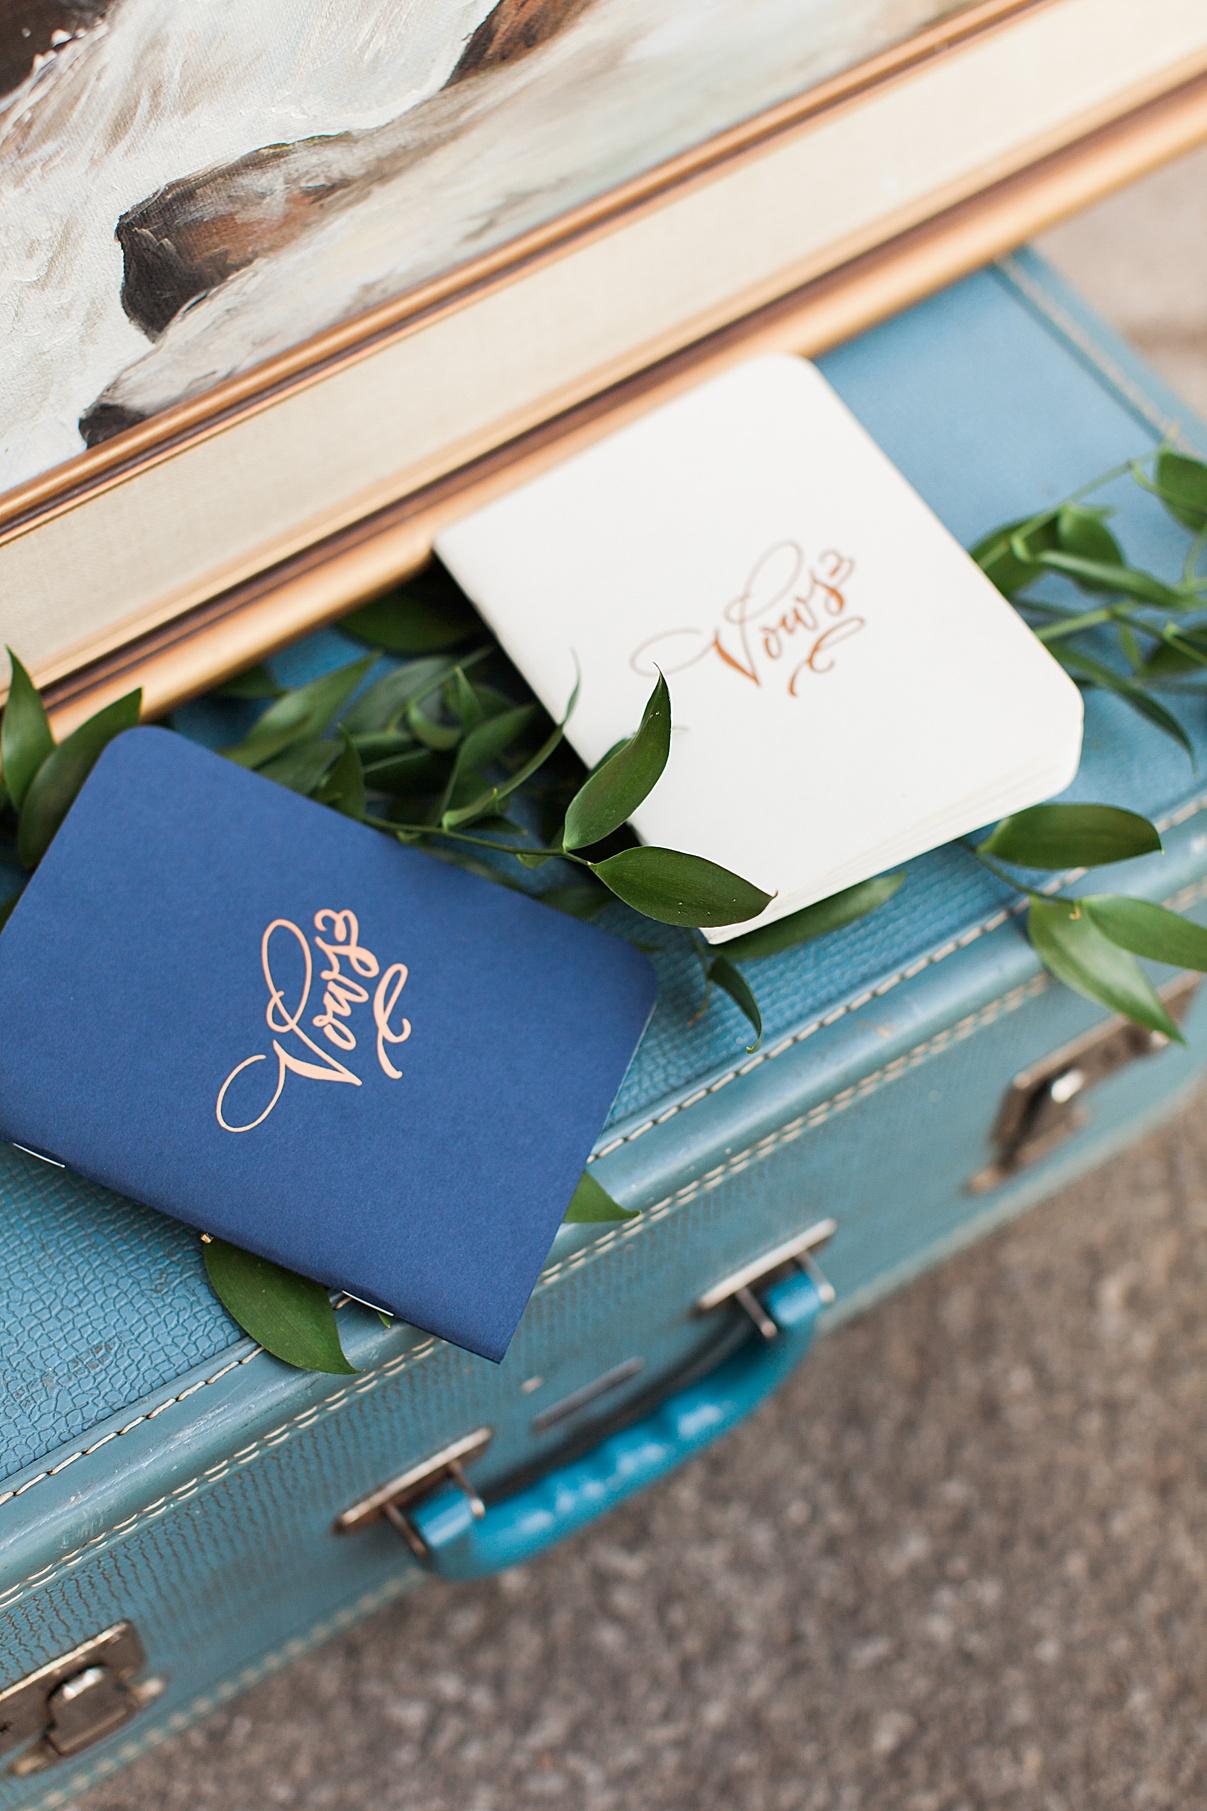 Vow books on vintage suitcase | Balls Falls, Ontario Wedding| Ontario Wedding Photographer| Toronto Wedding Photographer| 3Photography| 3photography.ca